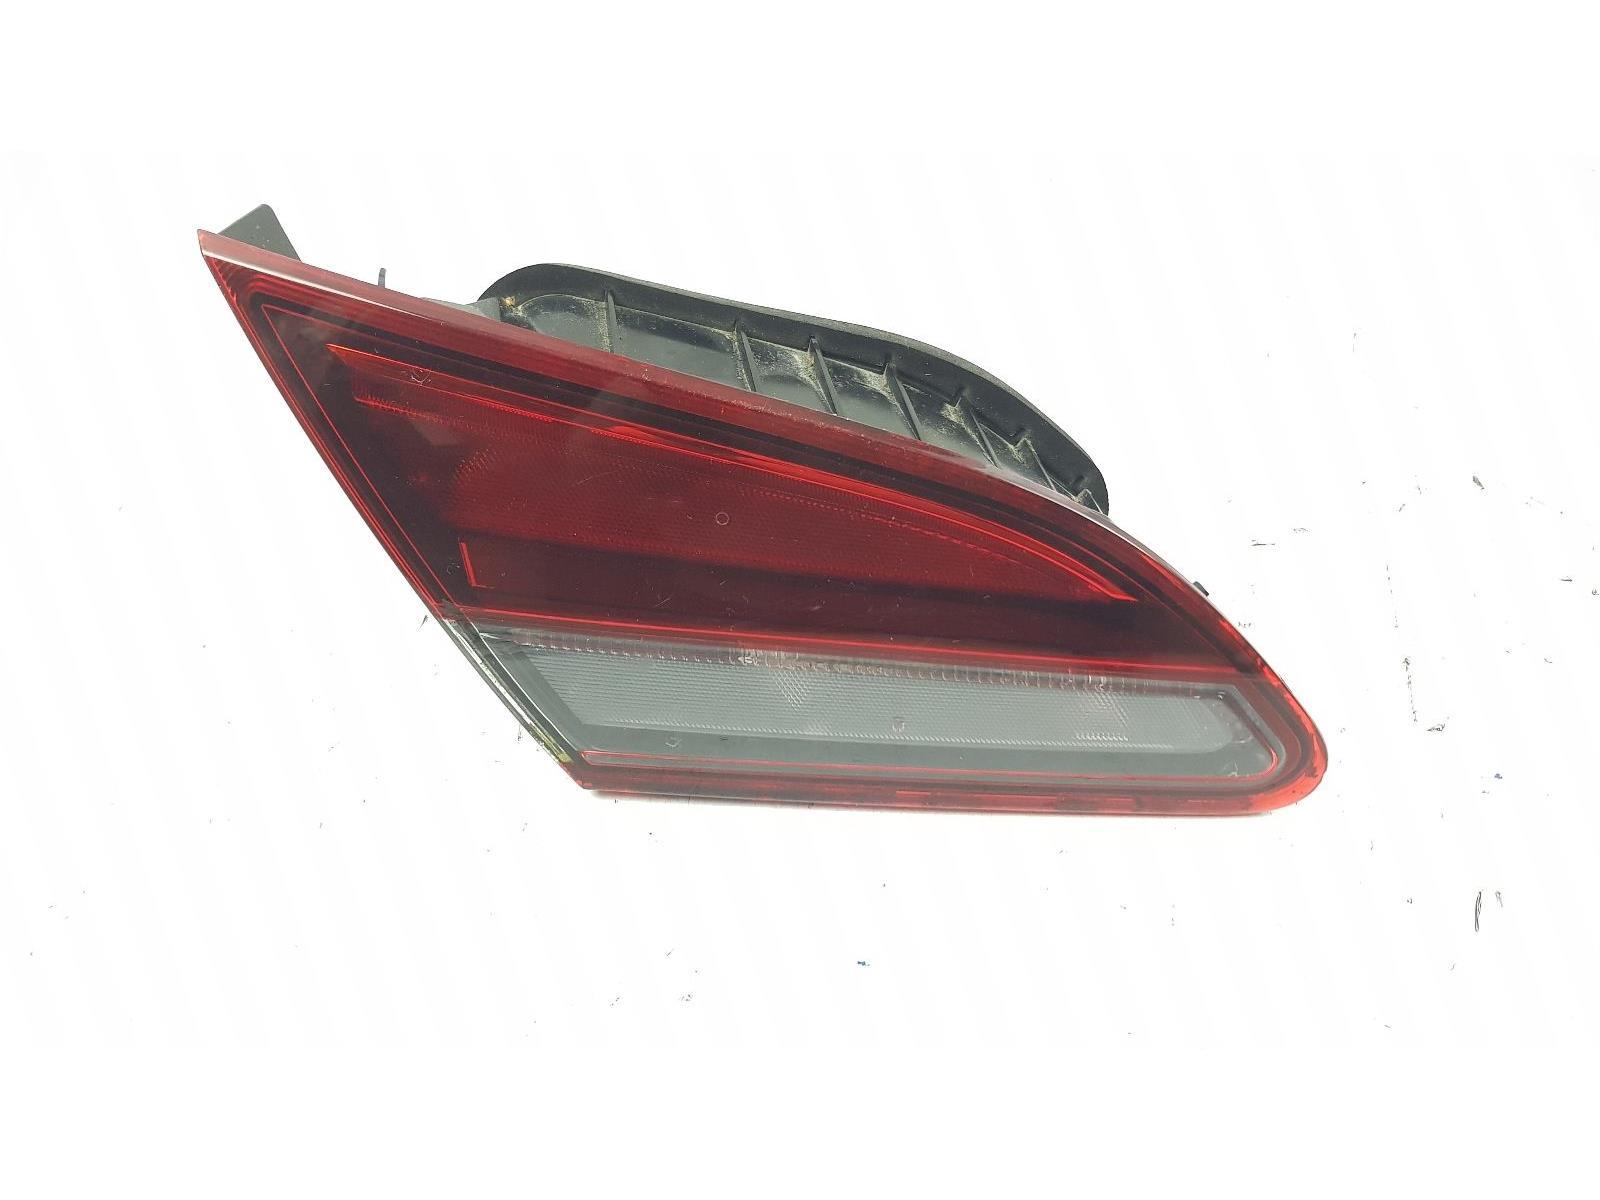 2009-2015 MK6 VAUXHALL ASTRA J GTC REAR INNER TAIL LIGHT LH Passenger Side ONLY